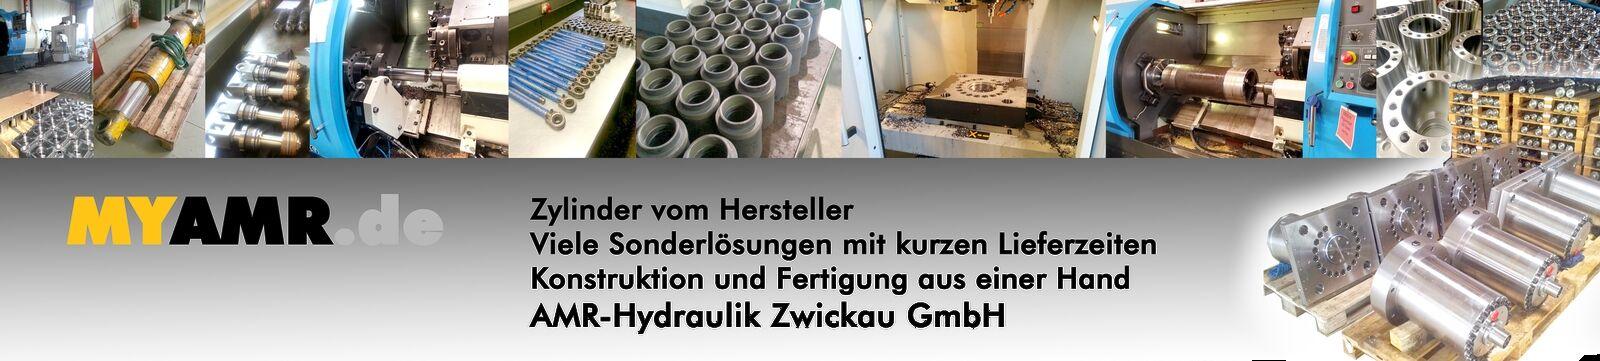 MyAMR.de - Hydraulik